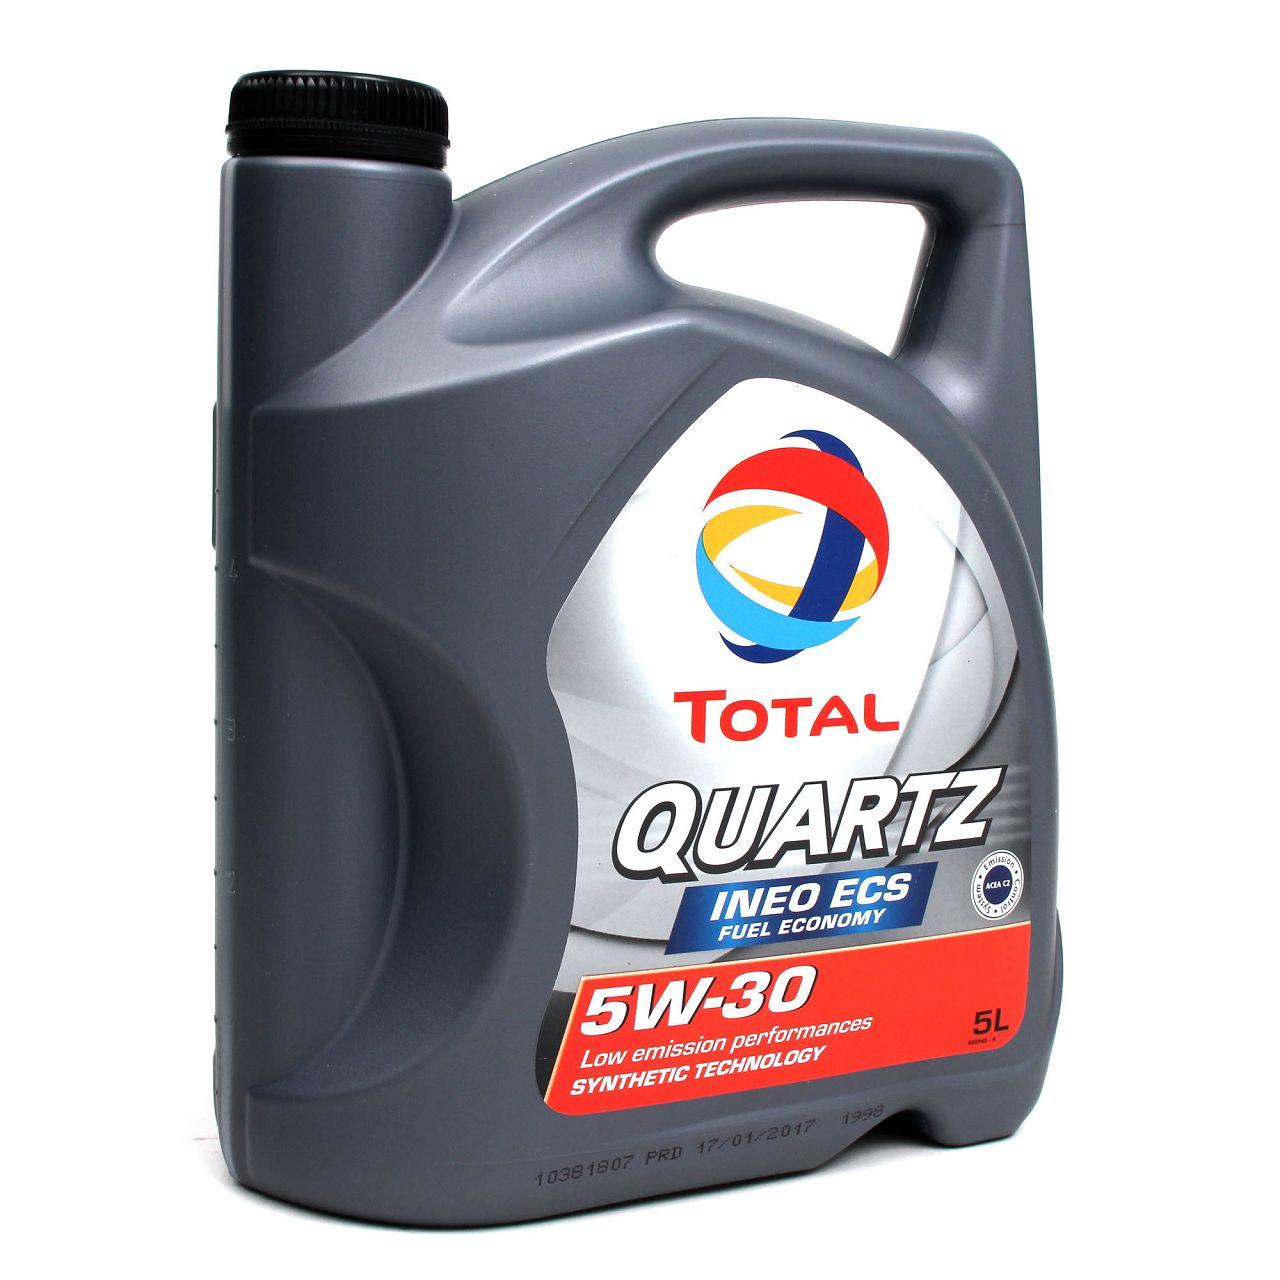 TOTAL QUARTZ INEO ECS 5W-30 Motoröl PSA B71 2290 Fiat 9.55535-S1 - 5L 5 Liter